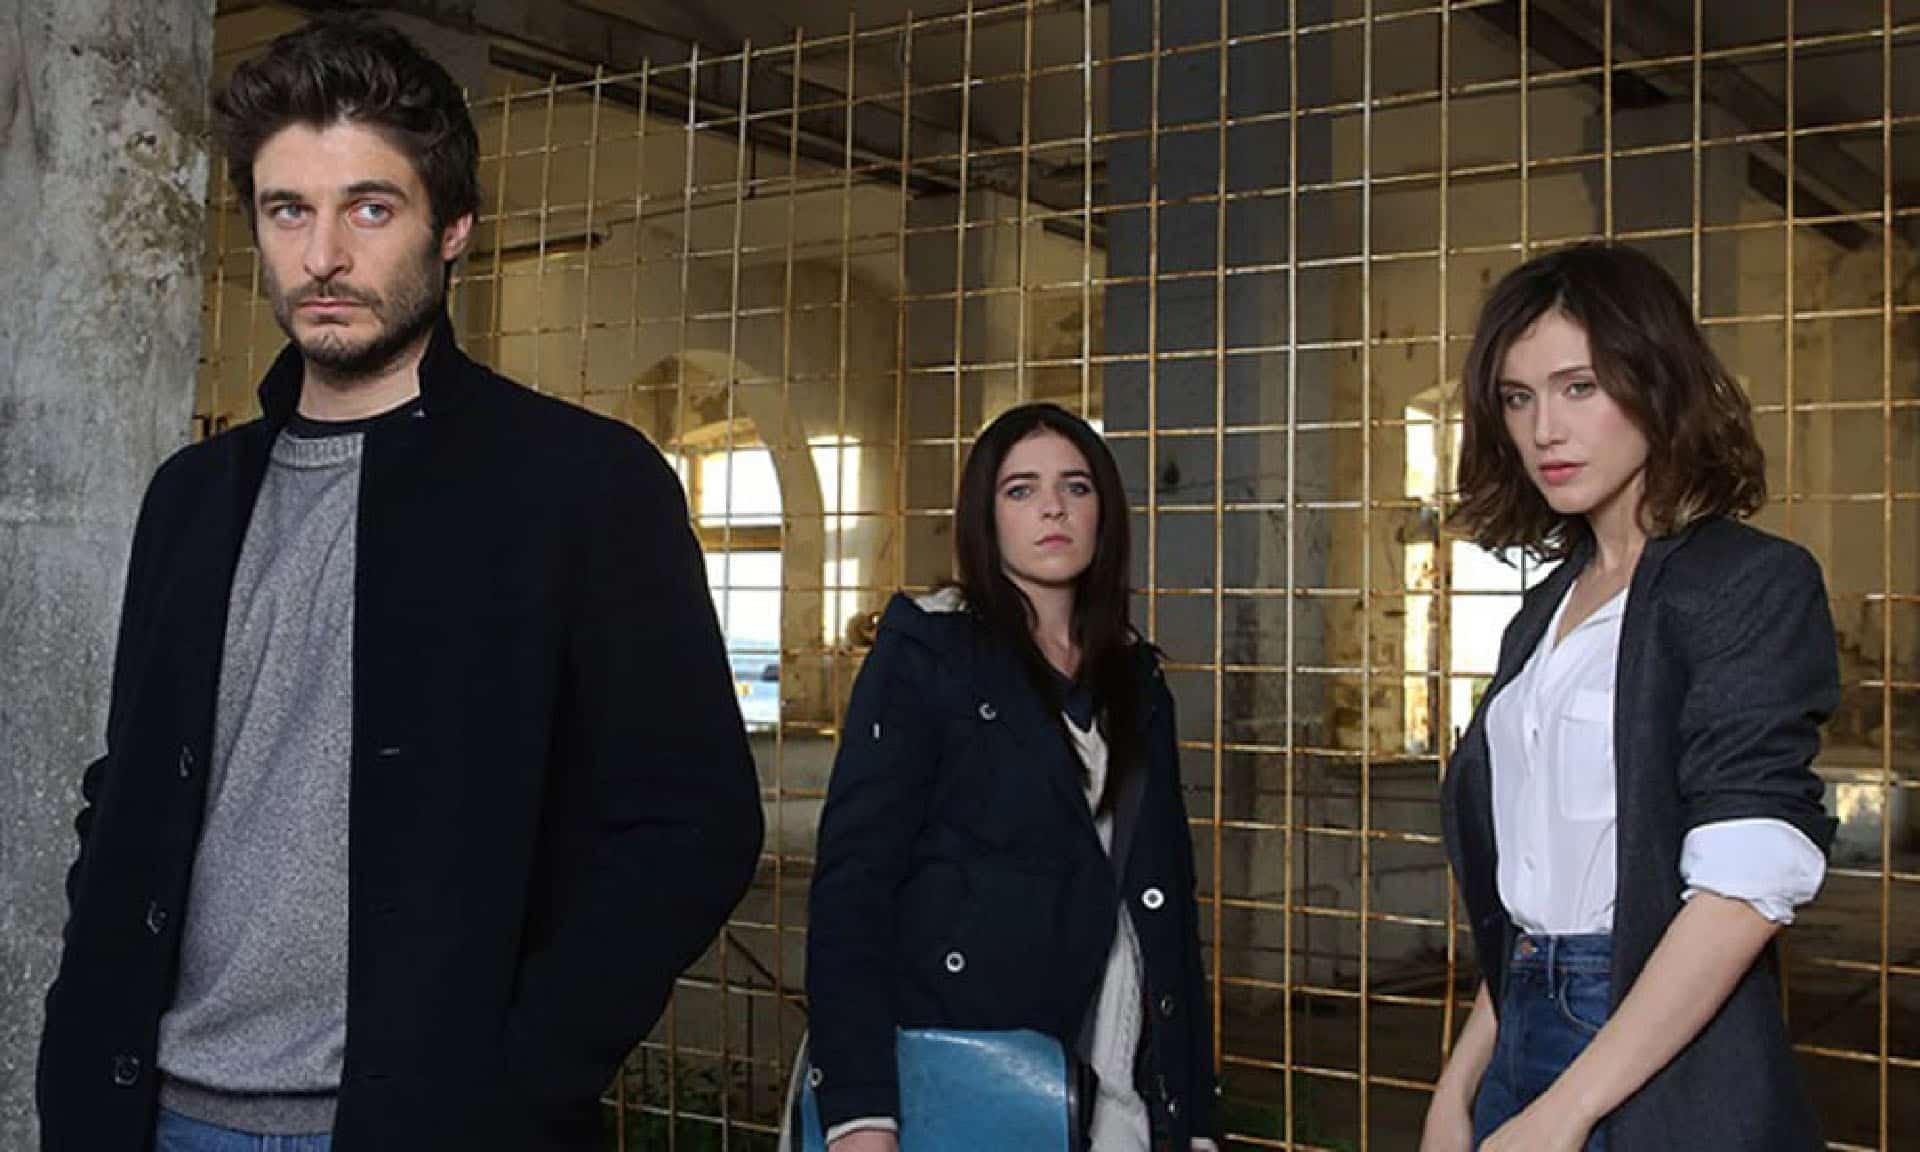 La porta rossa 2 con Lino Guanciale e Gabriella Pession in streaming, diretta tv, dove vederlo, replica